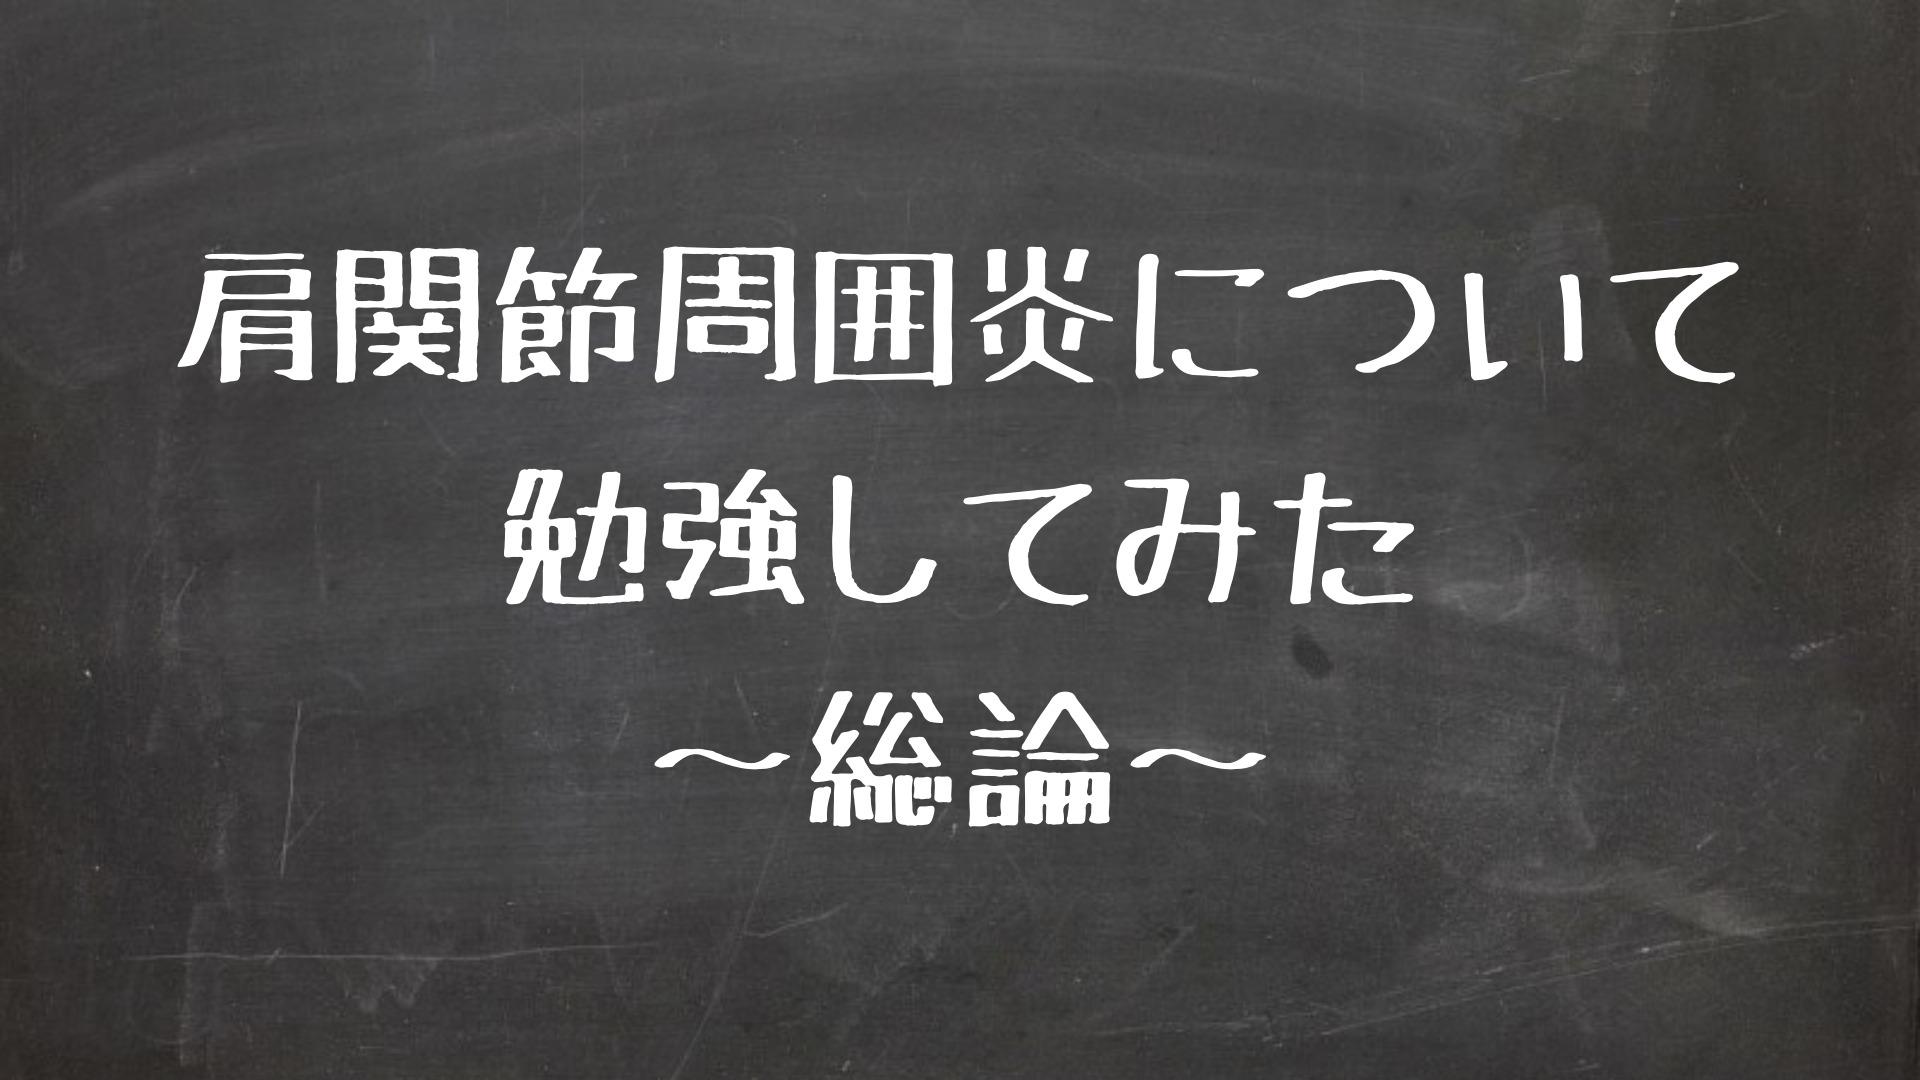 肩関節周囲炎について勉強してみた 〜総論編〜